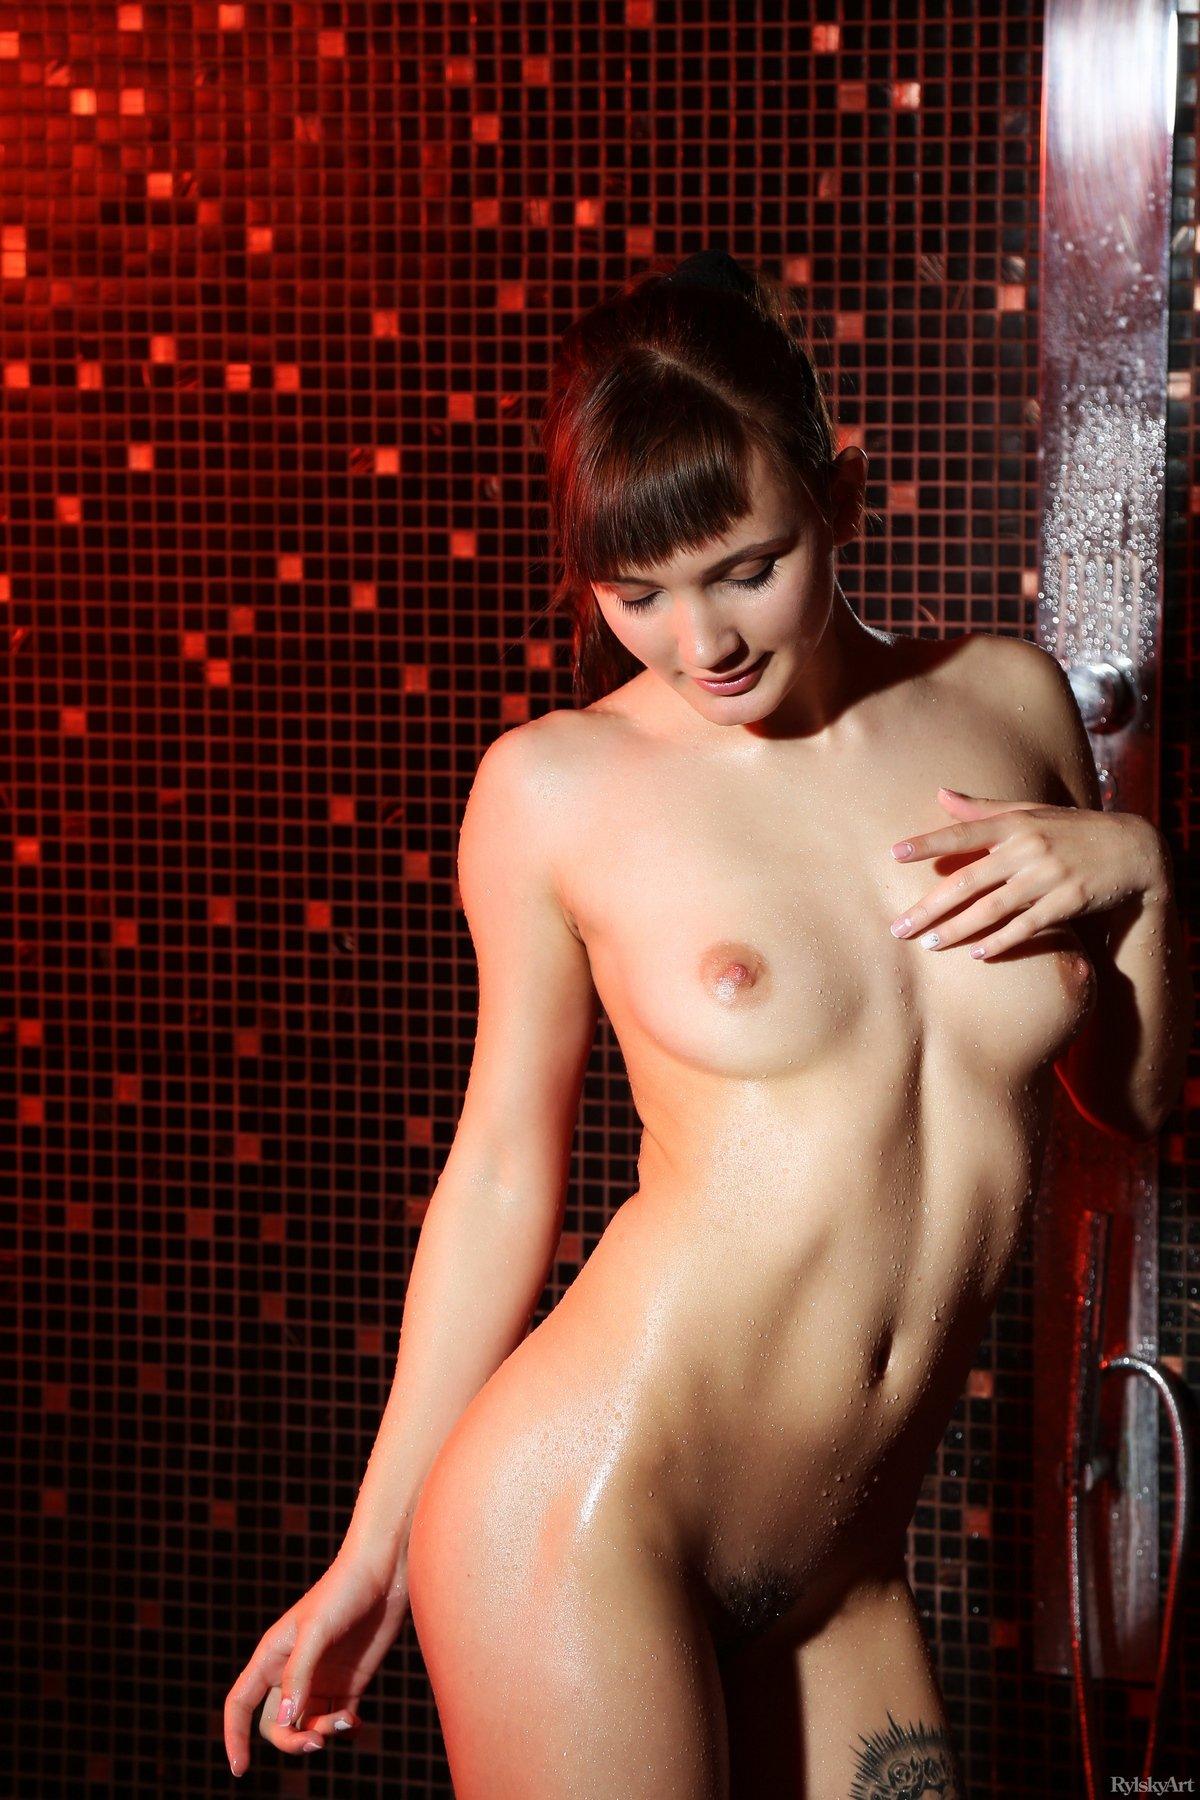 Брюнетка показывает свое обнаженное тело в душе видео, кемерово офисы продаж мэри кэй